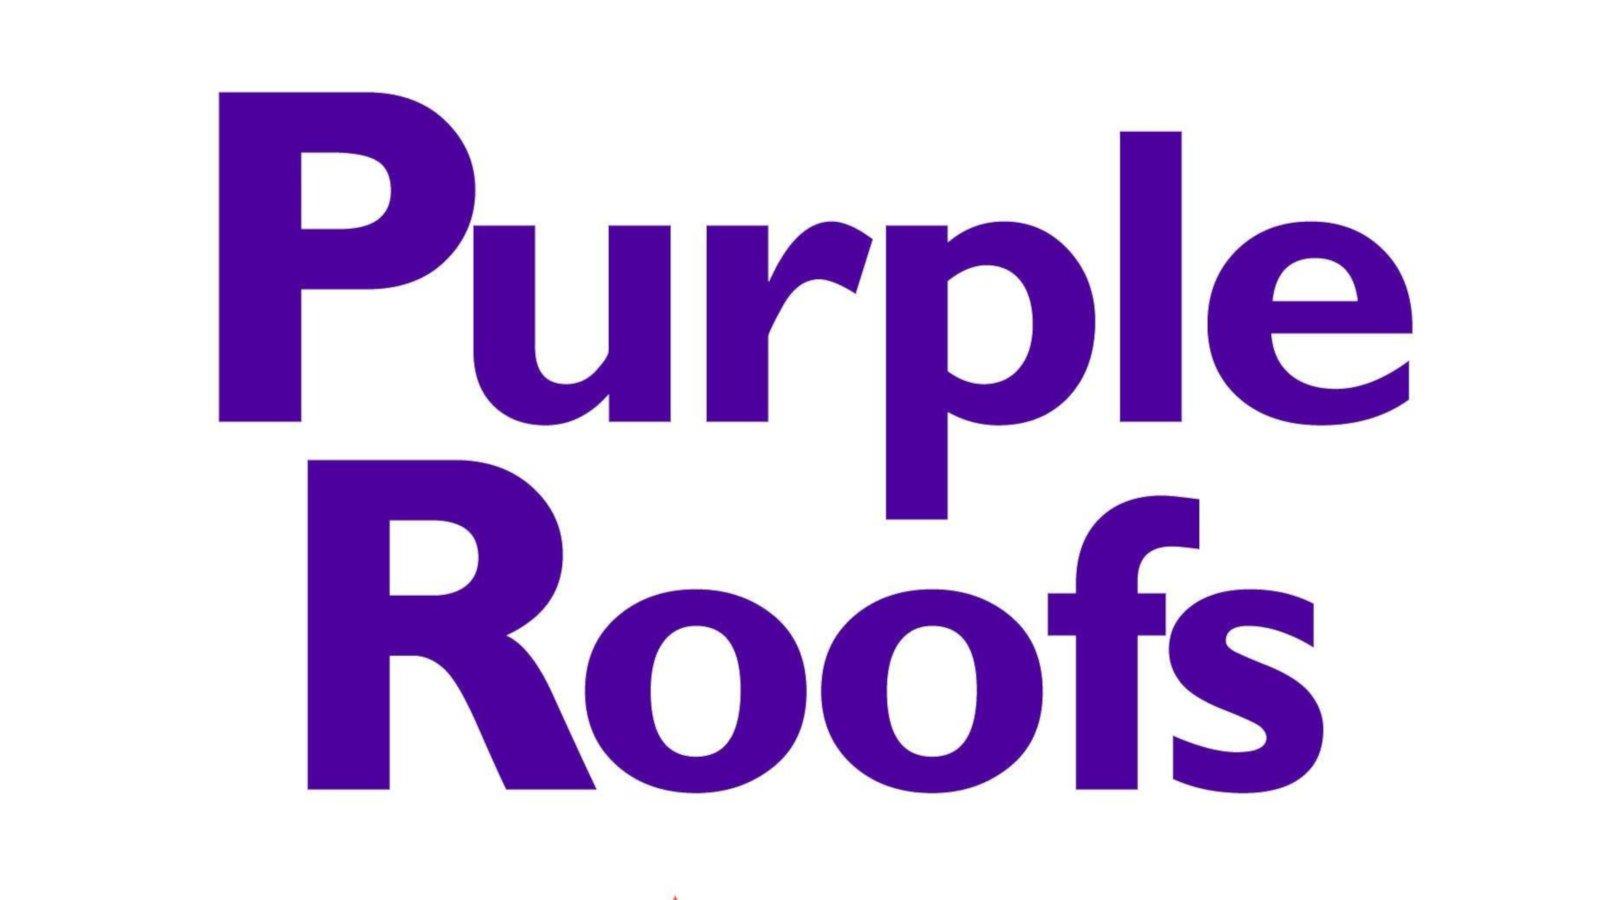 Purple Roofs é um bom recurso para encontrar listas de acomodações para gays